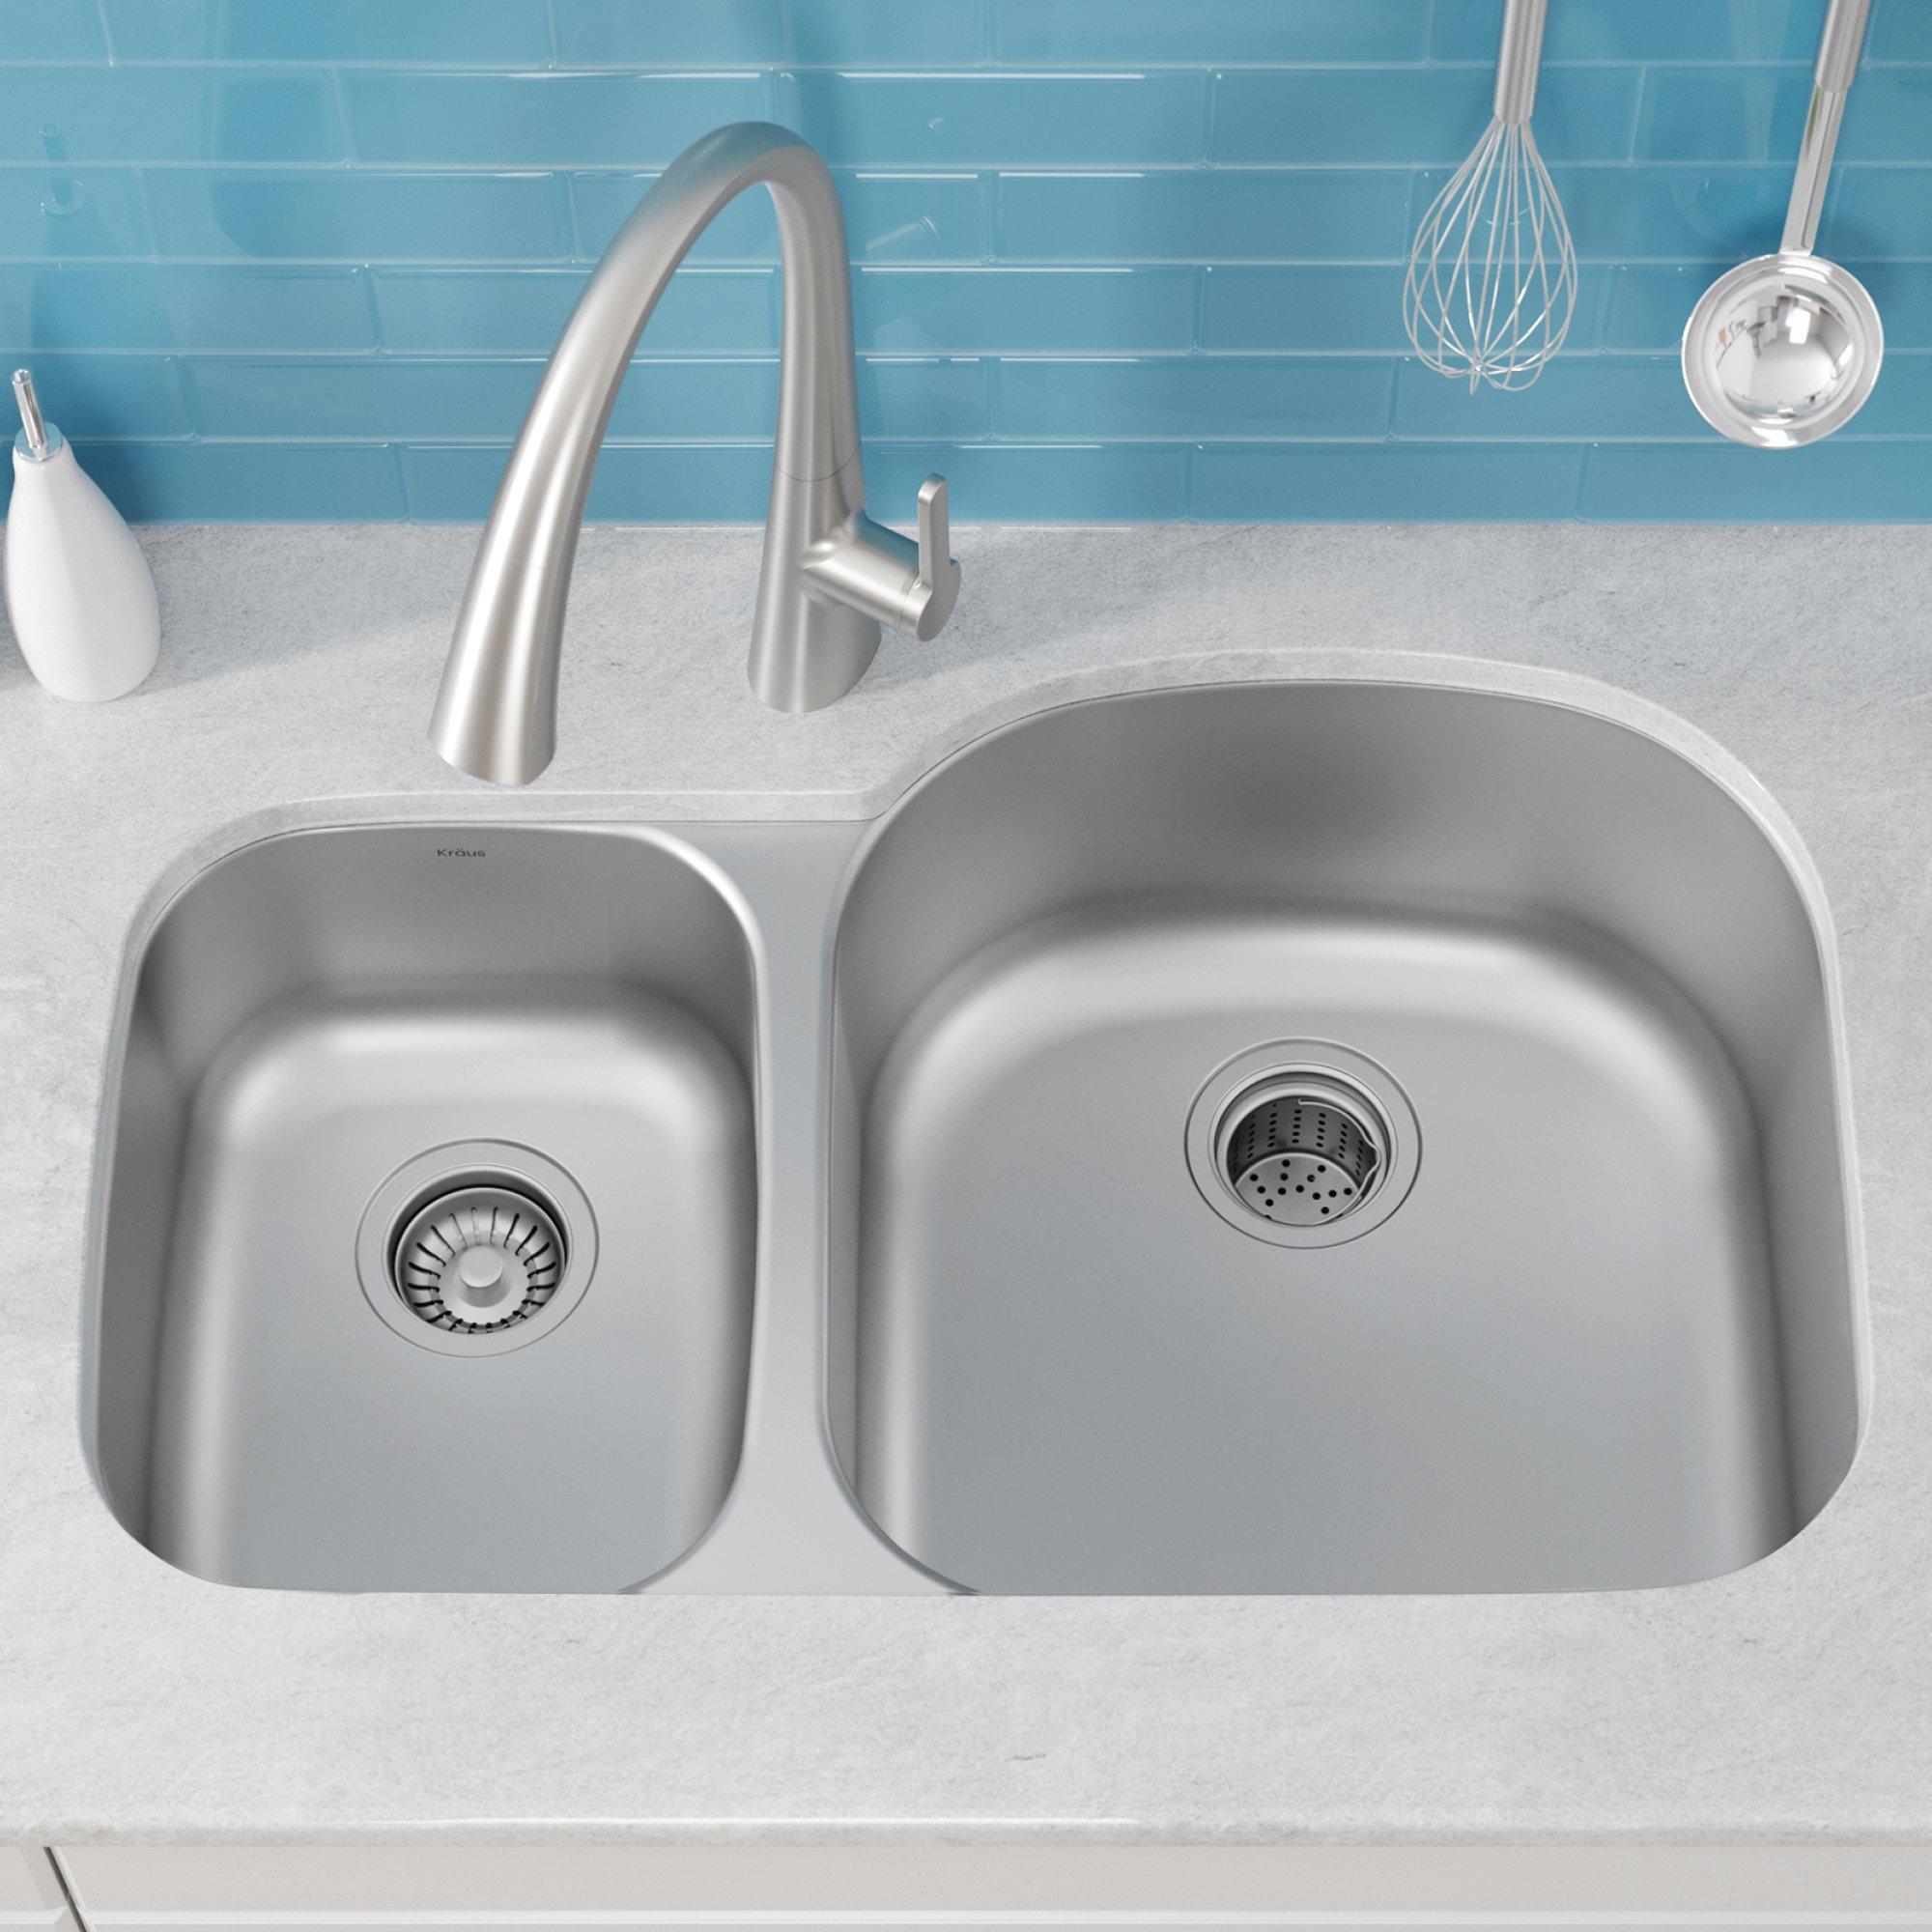 Best Rated Stainless Steel Undermount Kitchen Sink